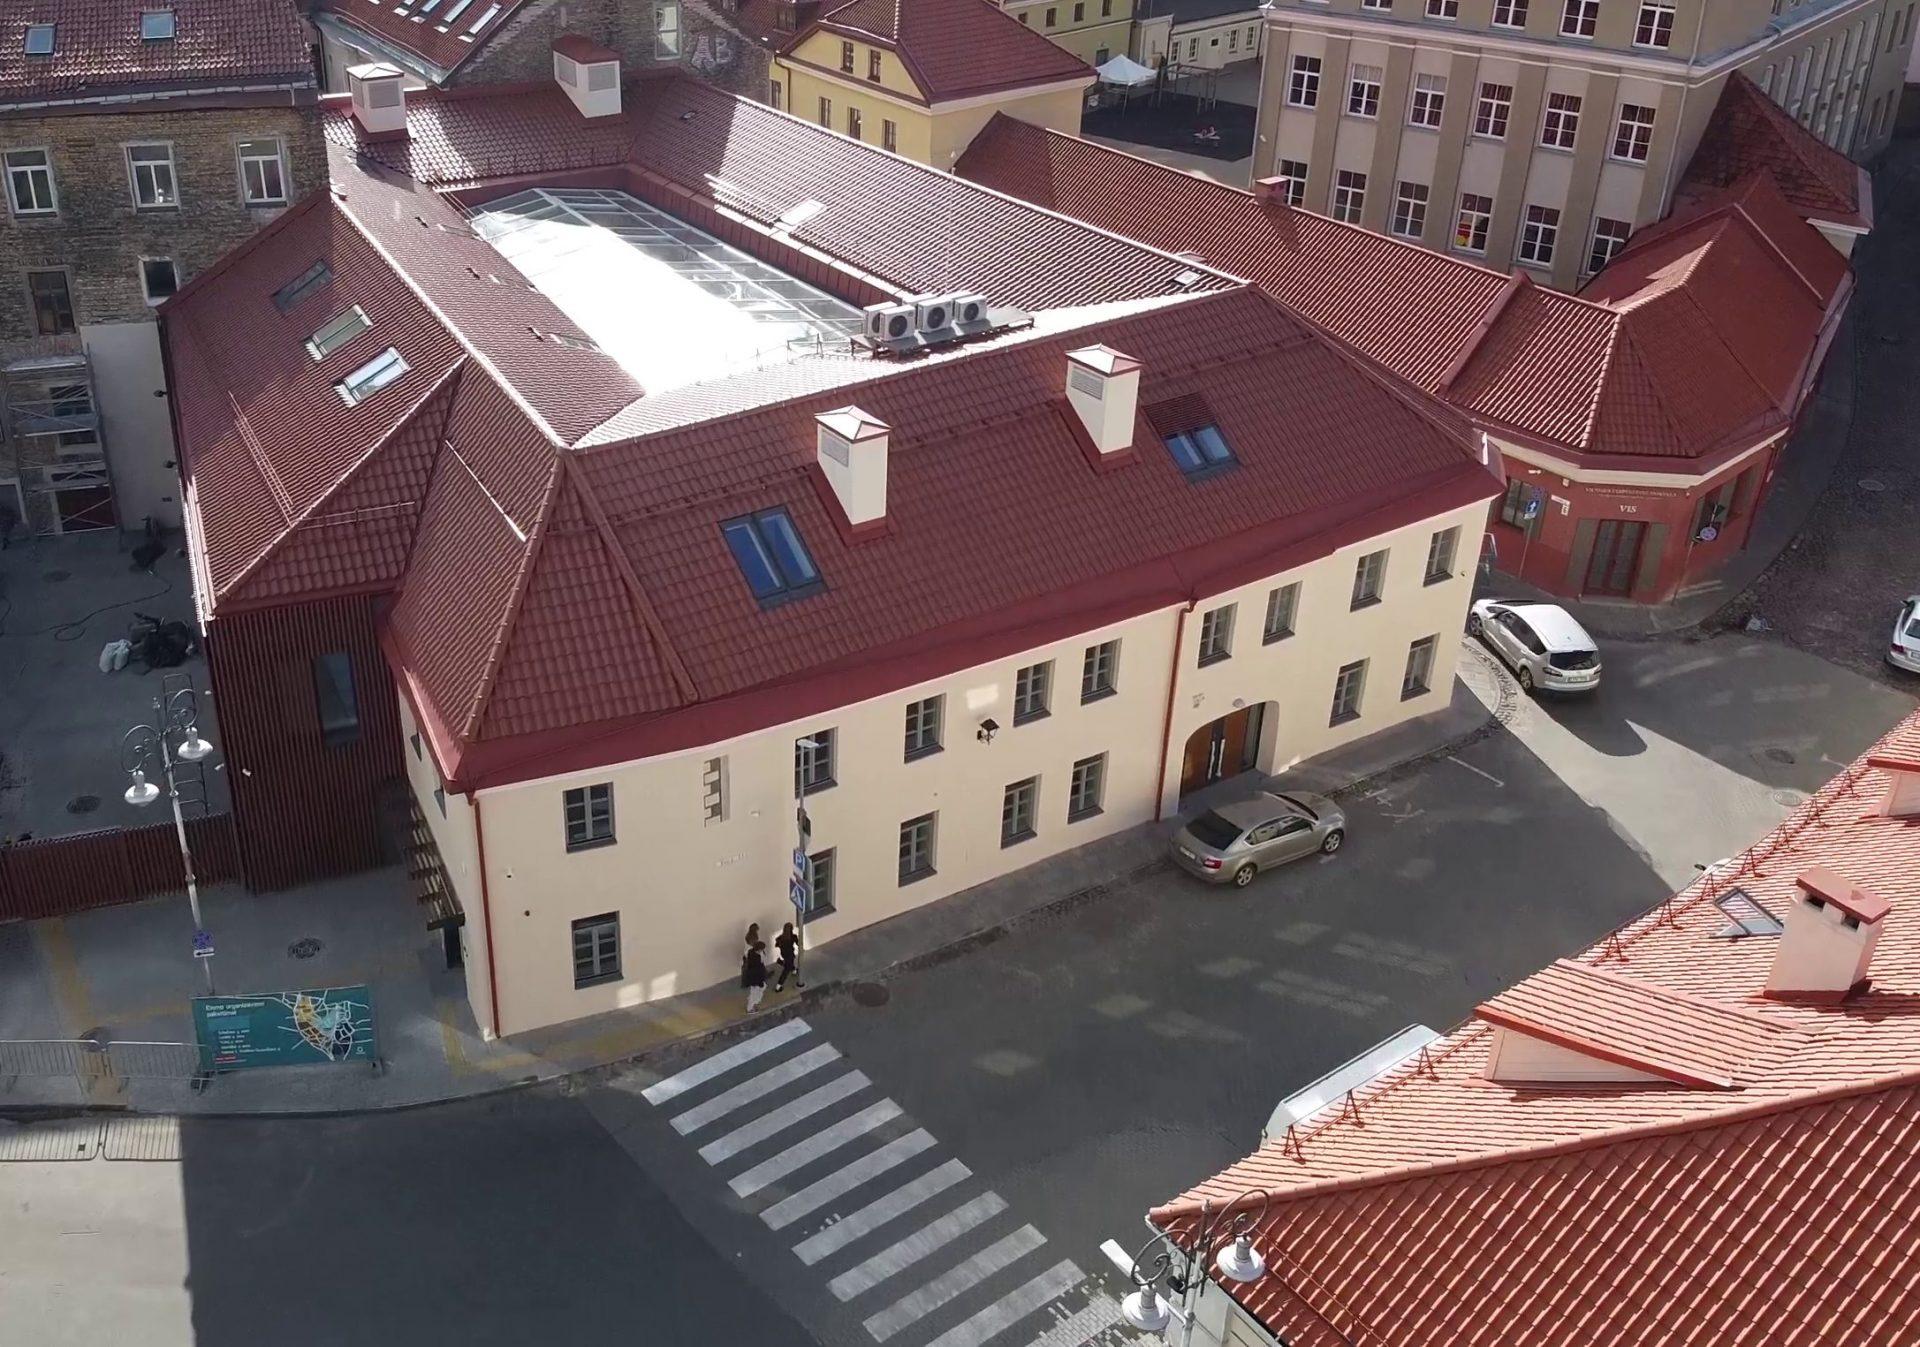 Užbaigta mokslo paskirties pastato Rusų g. 5, Vilniuje rekonstrukcija